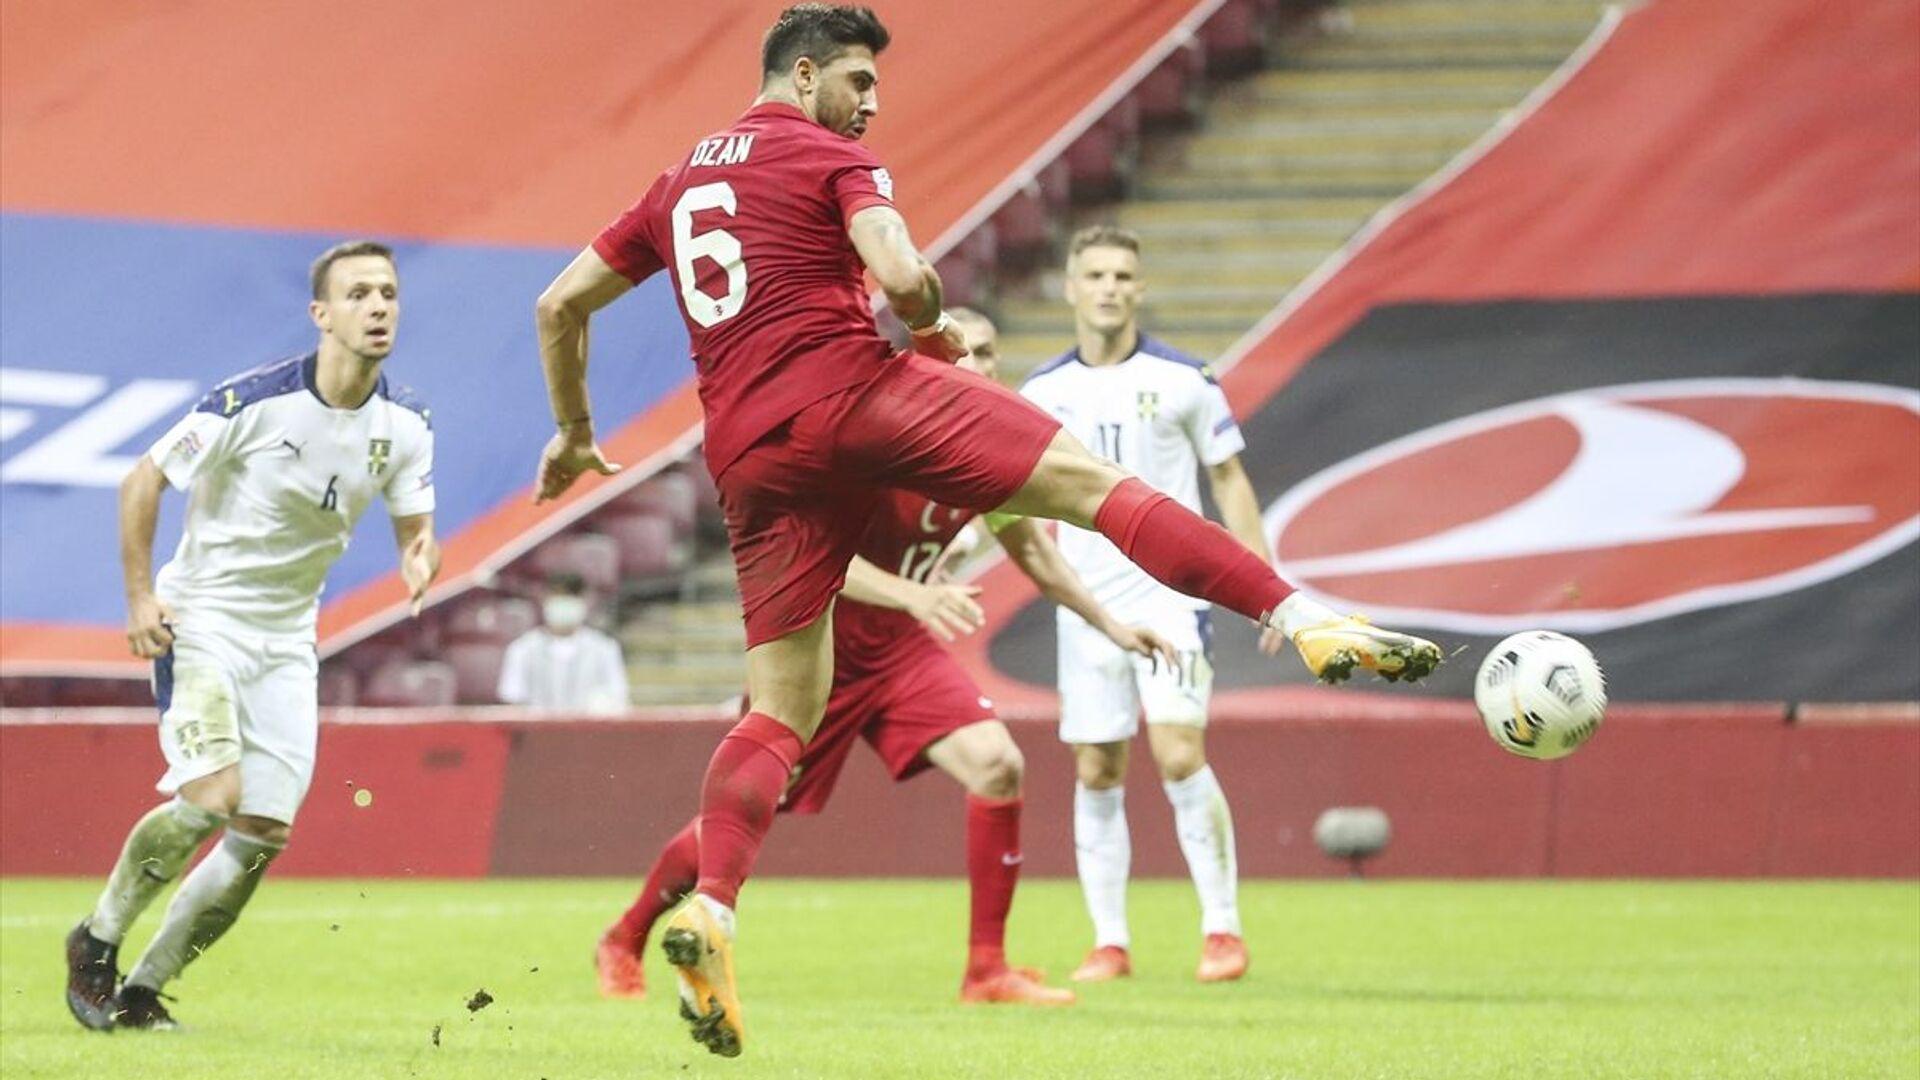 A Milli Futbol Takımı, UEFA Uluslar B Ligi 3. Grup dördüncü maçında Sırbistan ile Türk Telekom Stadı'nda karşılaştı. Milli futbolcu Ozan Tufan'ın (6) vuruşunda top ağlara gitti. - Sputnik Türkiye, 1920, 08.09.2021